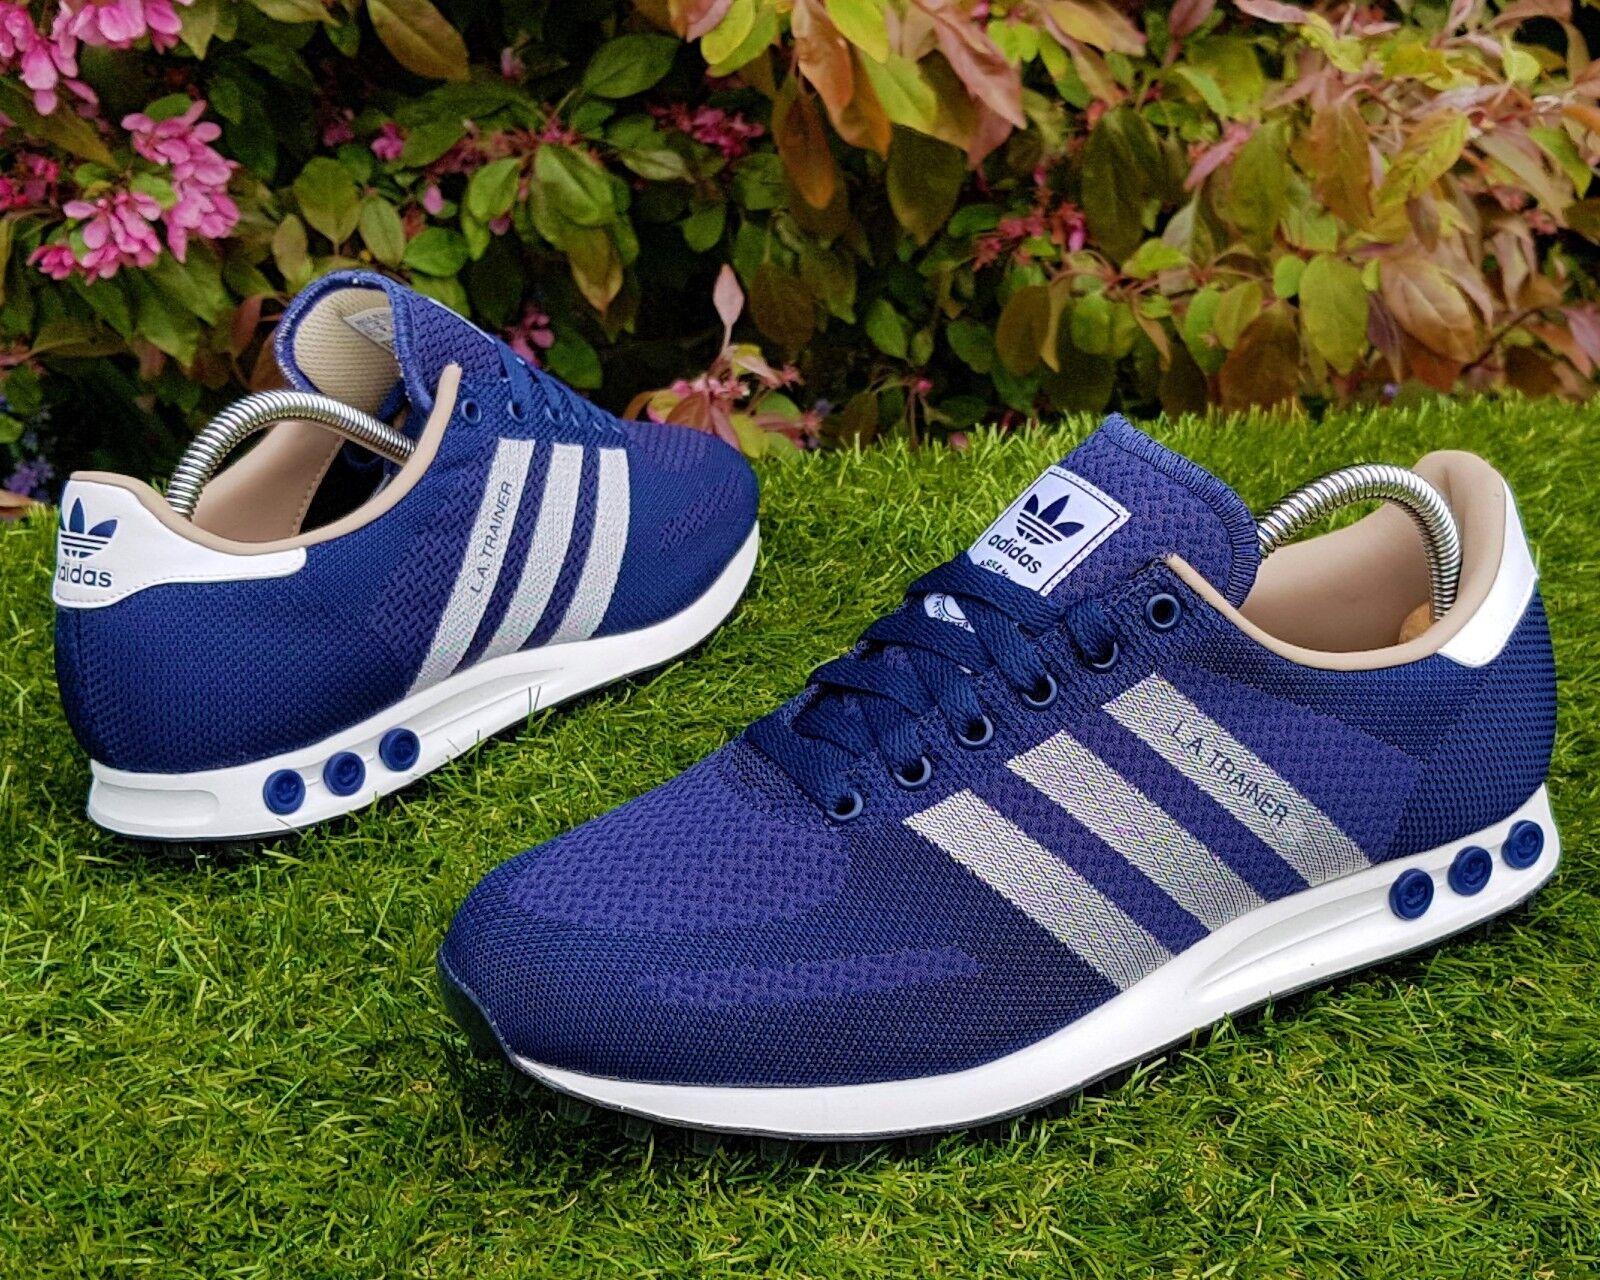 bnwb echte adidas originals ® la trainer weben uk blauen retro - ausbilder uk weben größe 11. bf08cb